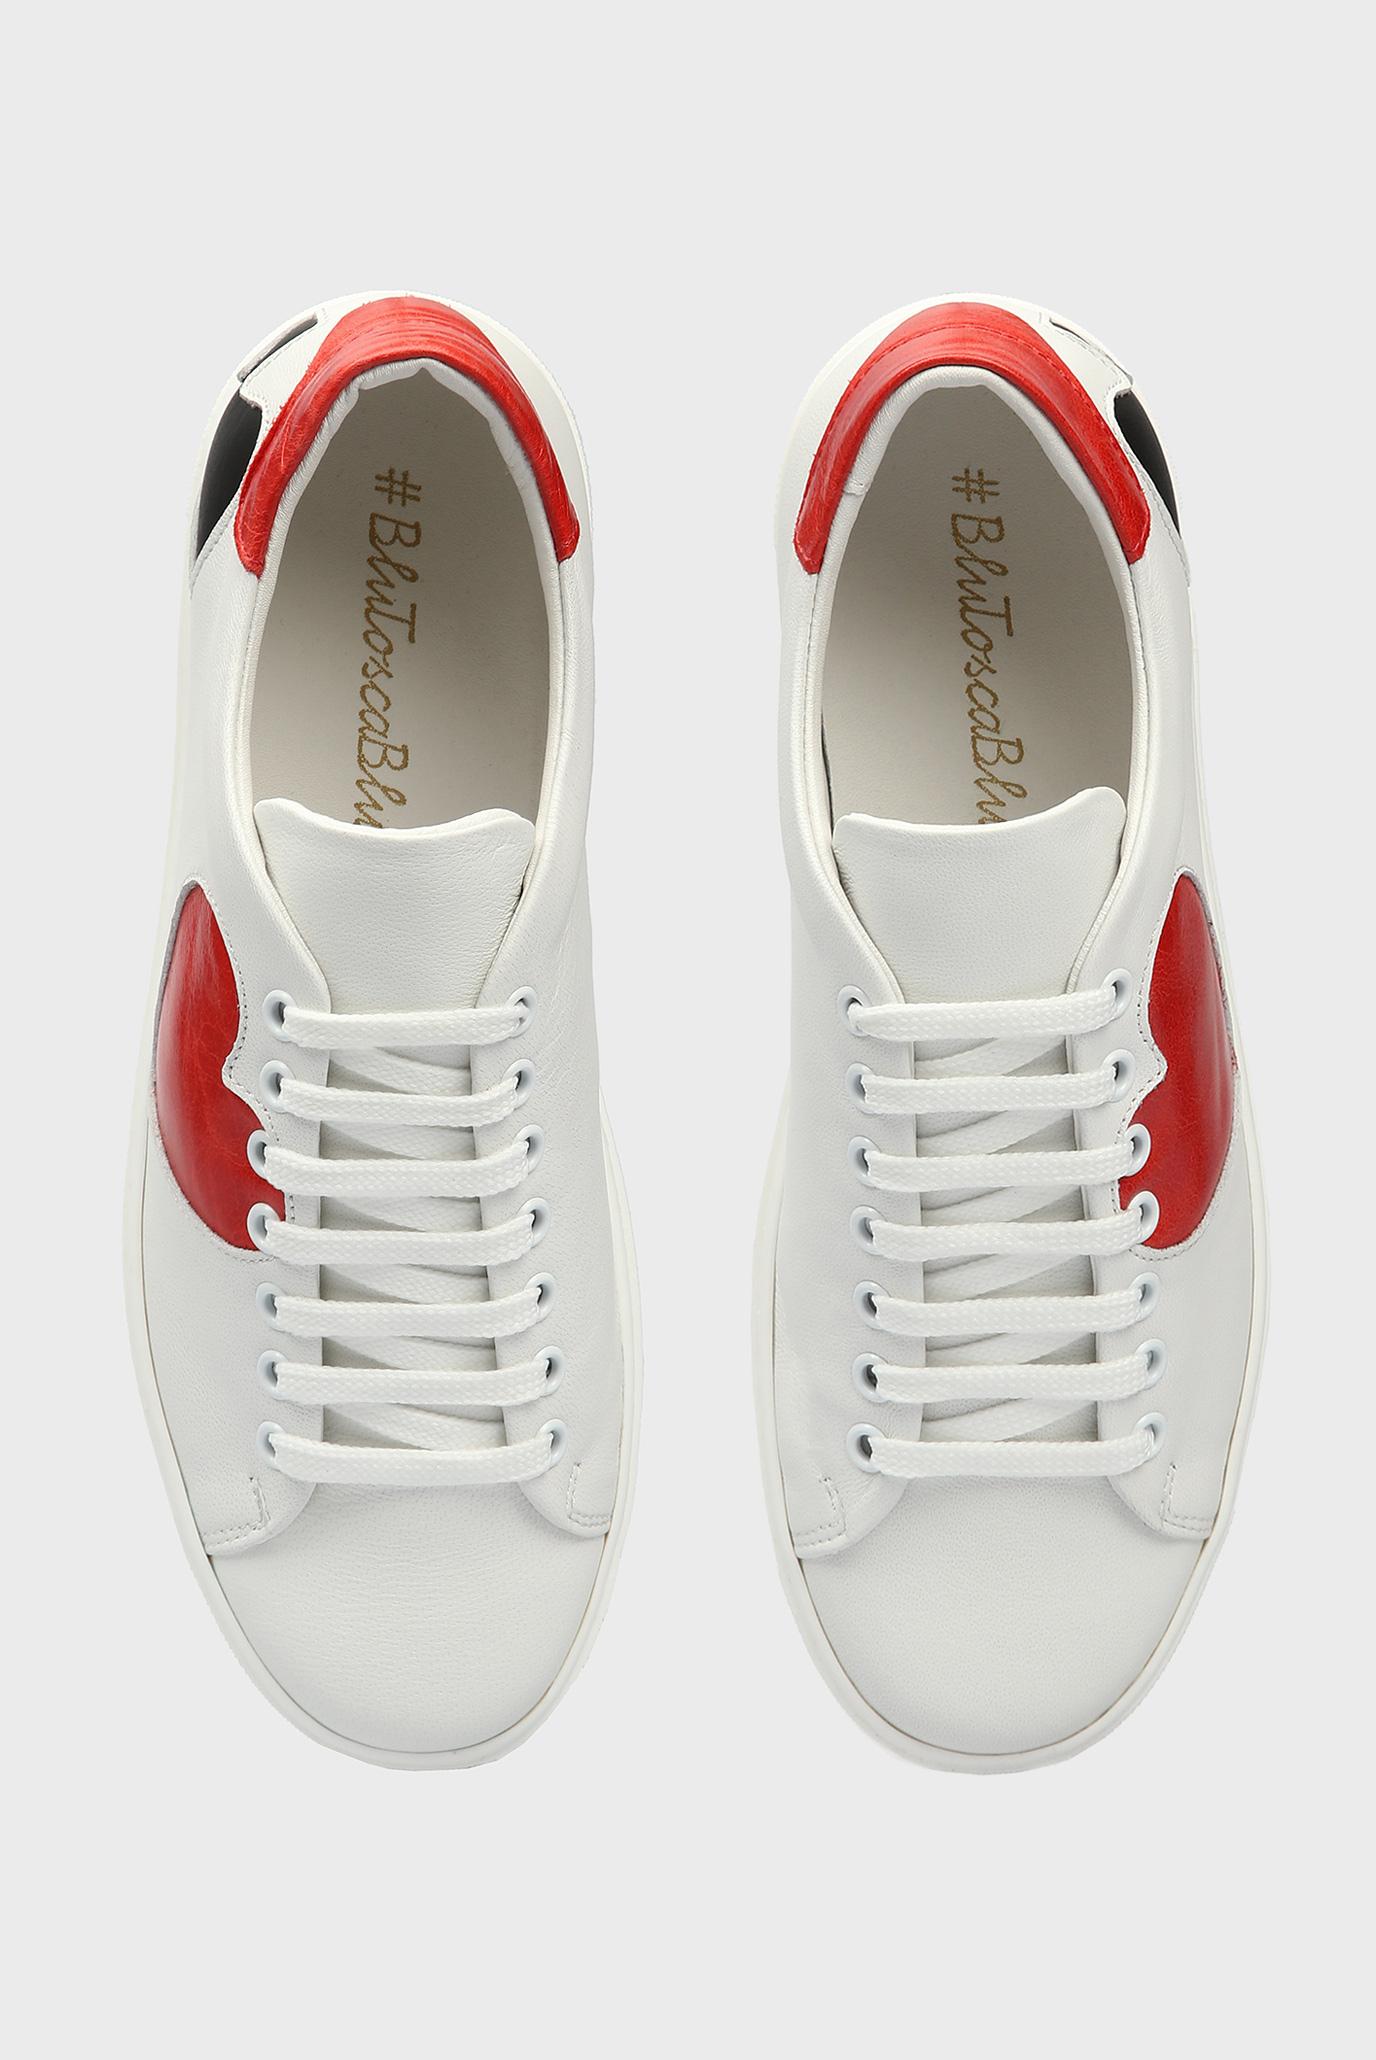 Купить Женские белые кожаные сникеры POKER Tosca Blu  Tosca Blu  TS1980S80 – Киев, Украина. Цены в интернет магазине MD Fashion